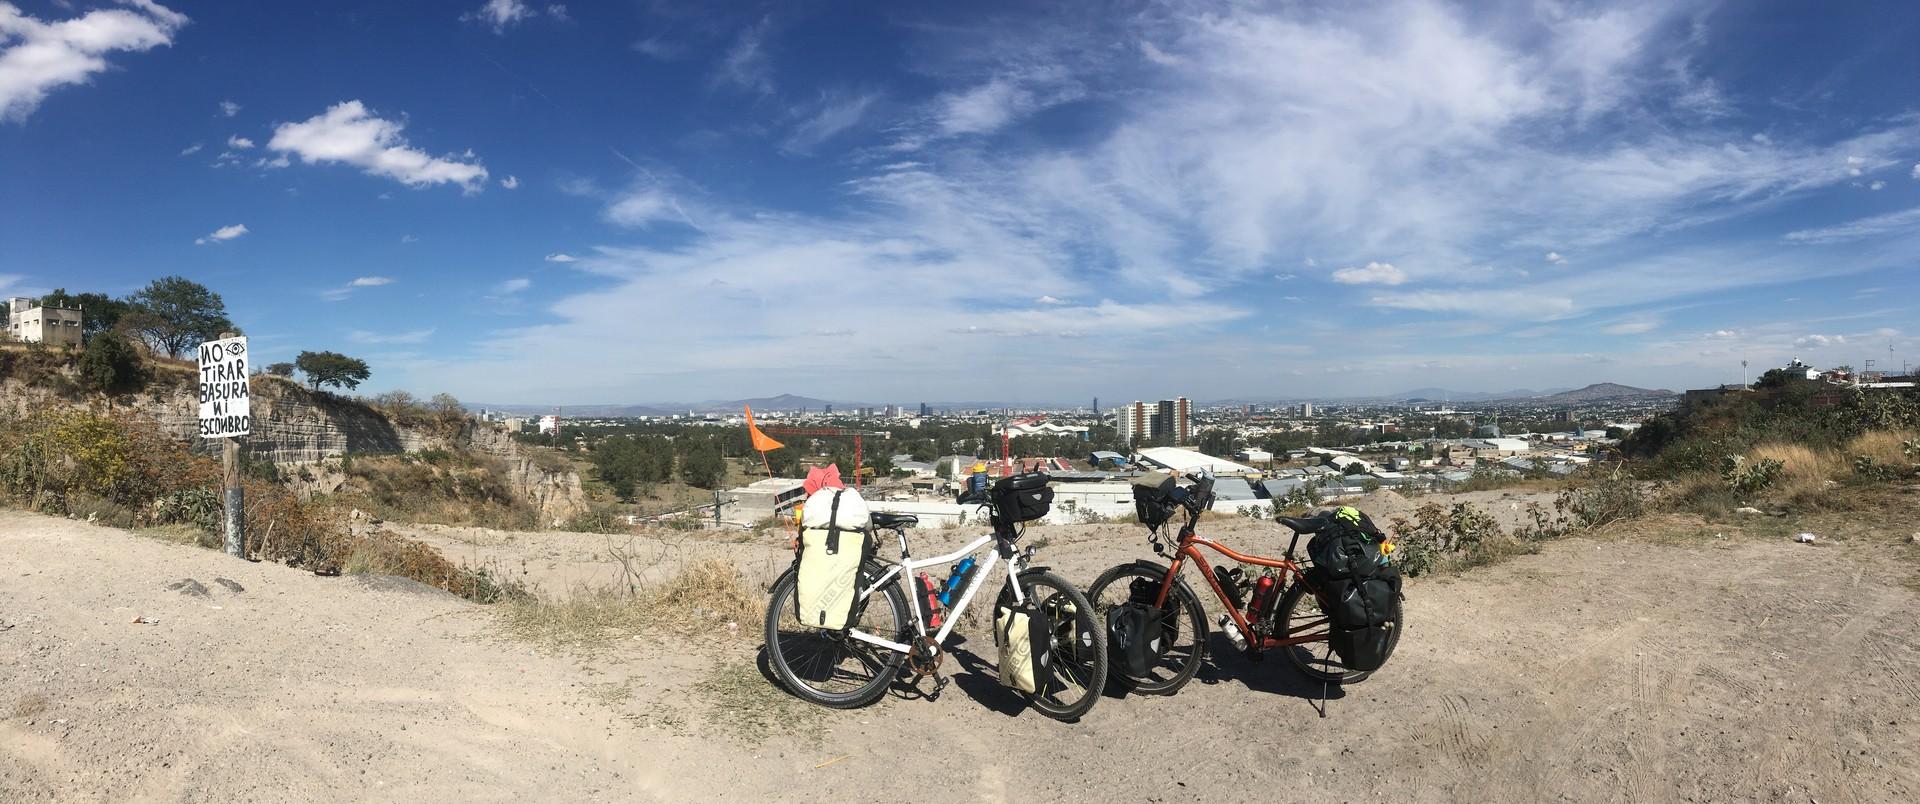 2018-02-27 Guadalajara-6